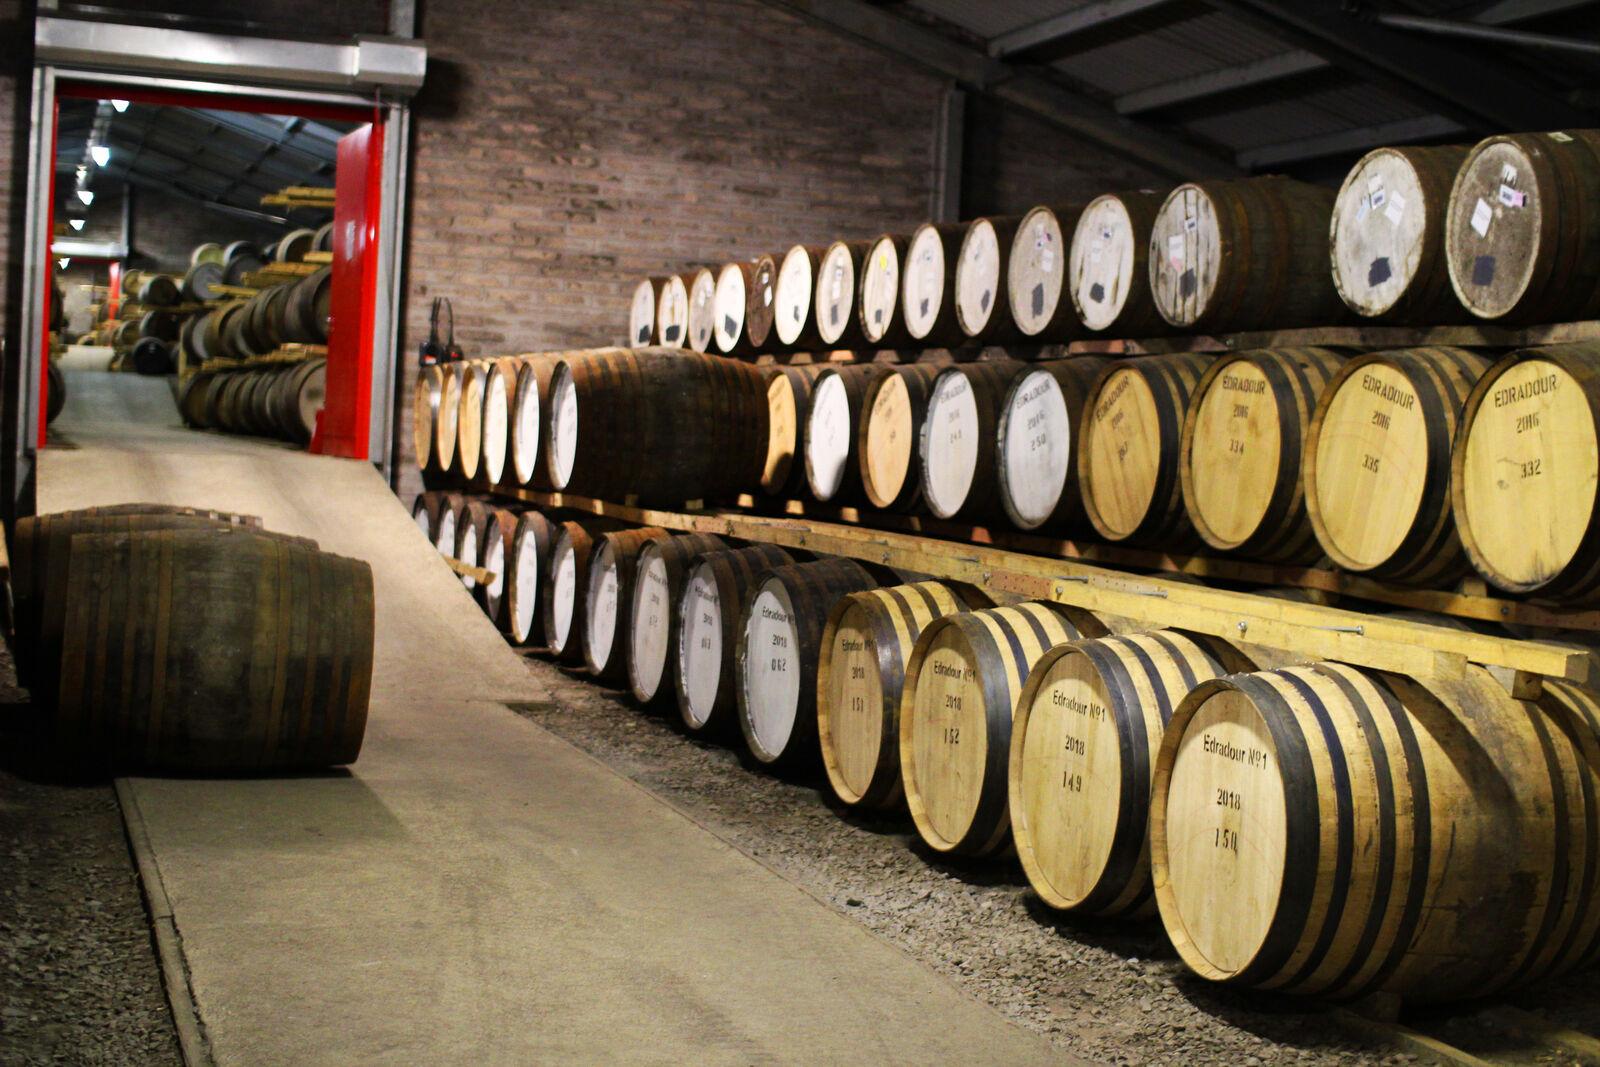 Whiskyfässer zur Wiederbelegung